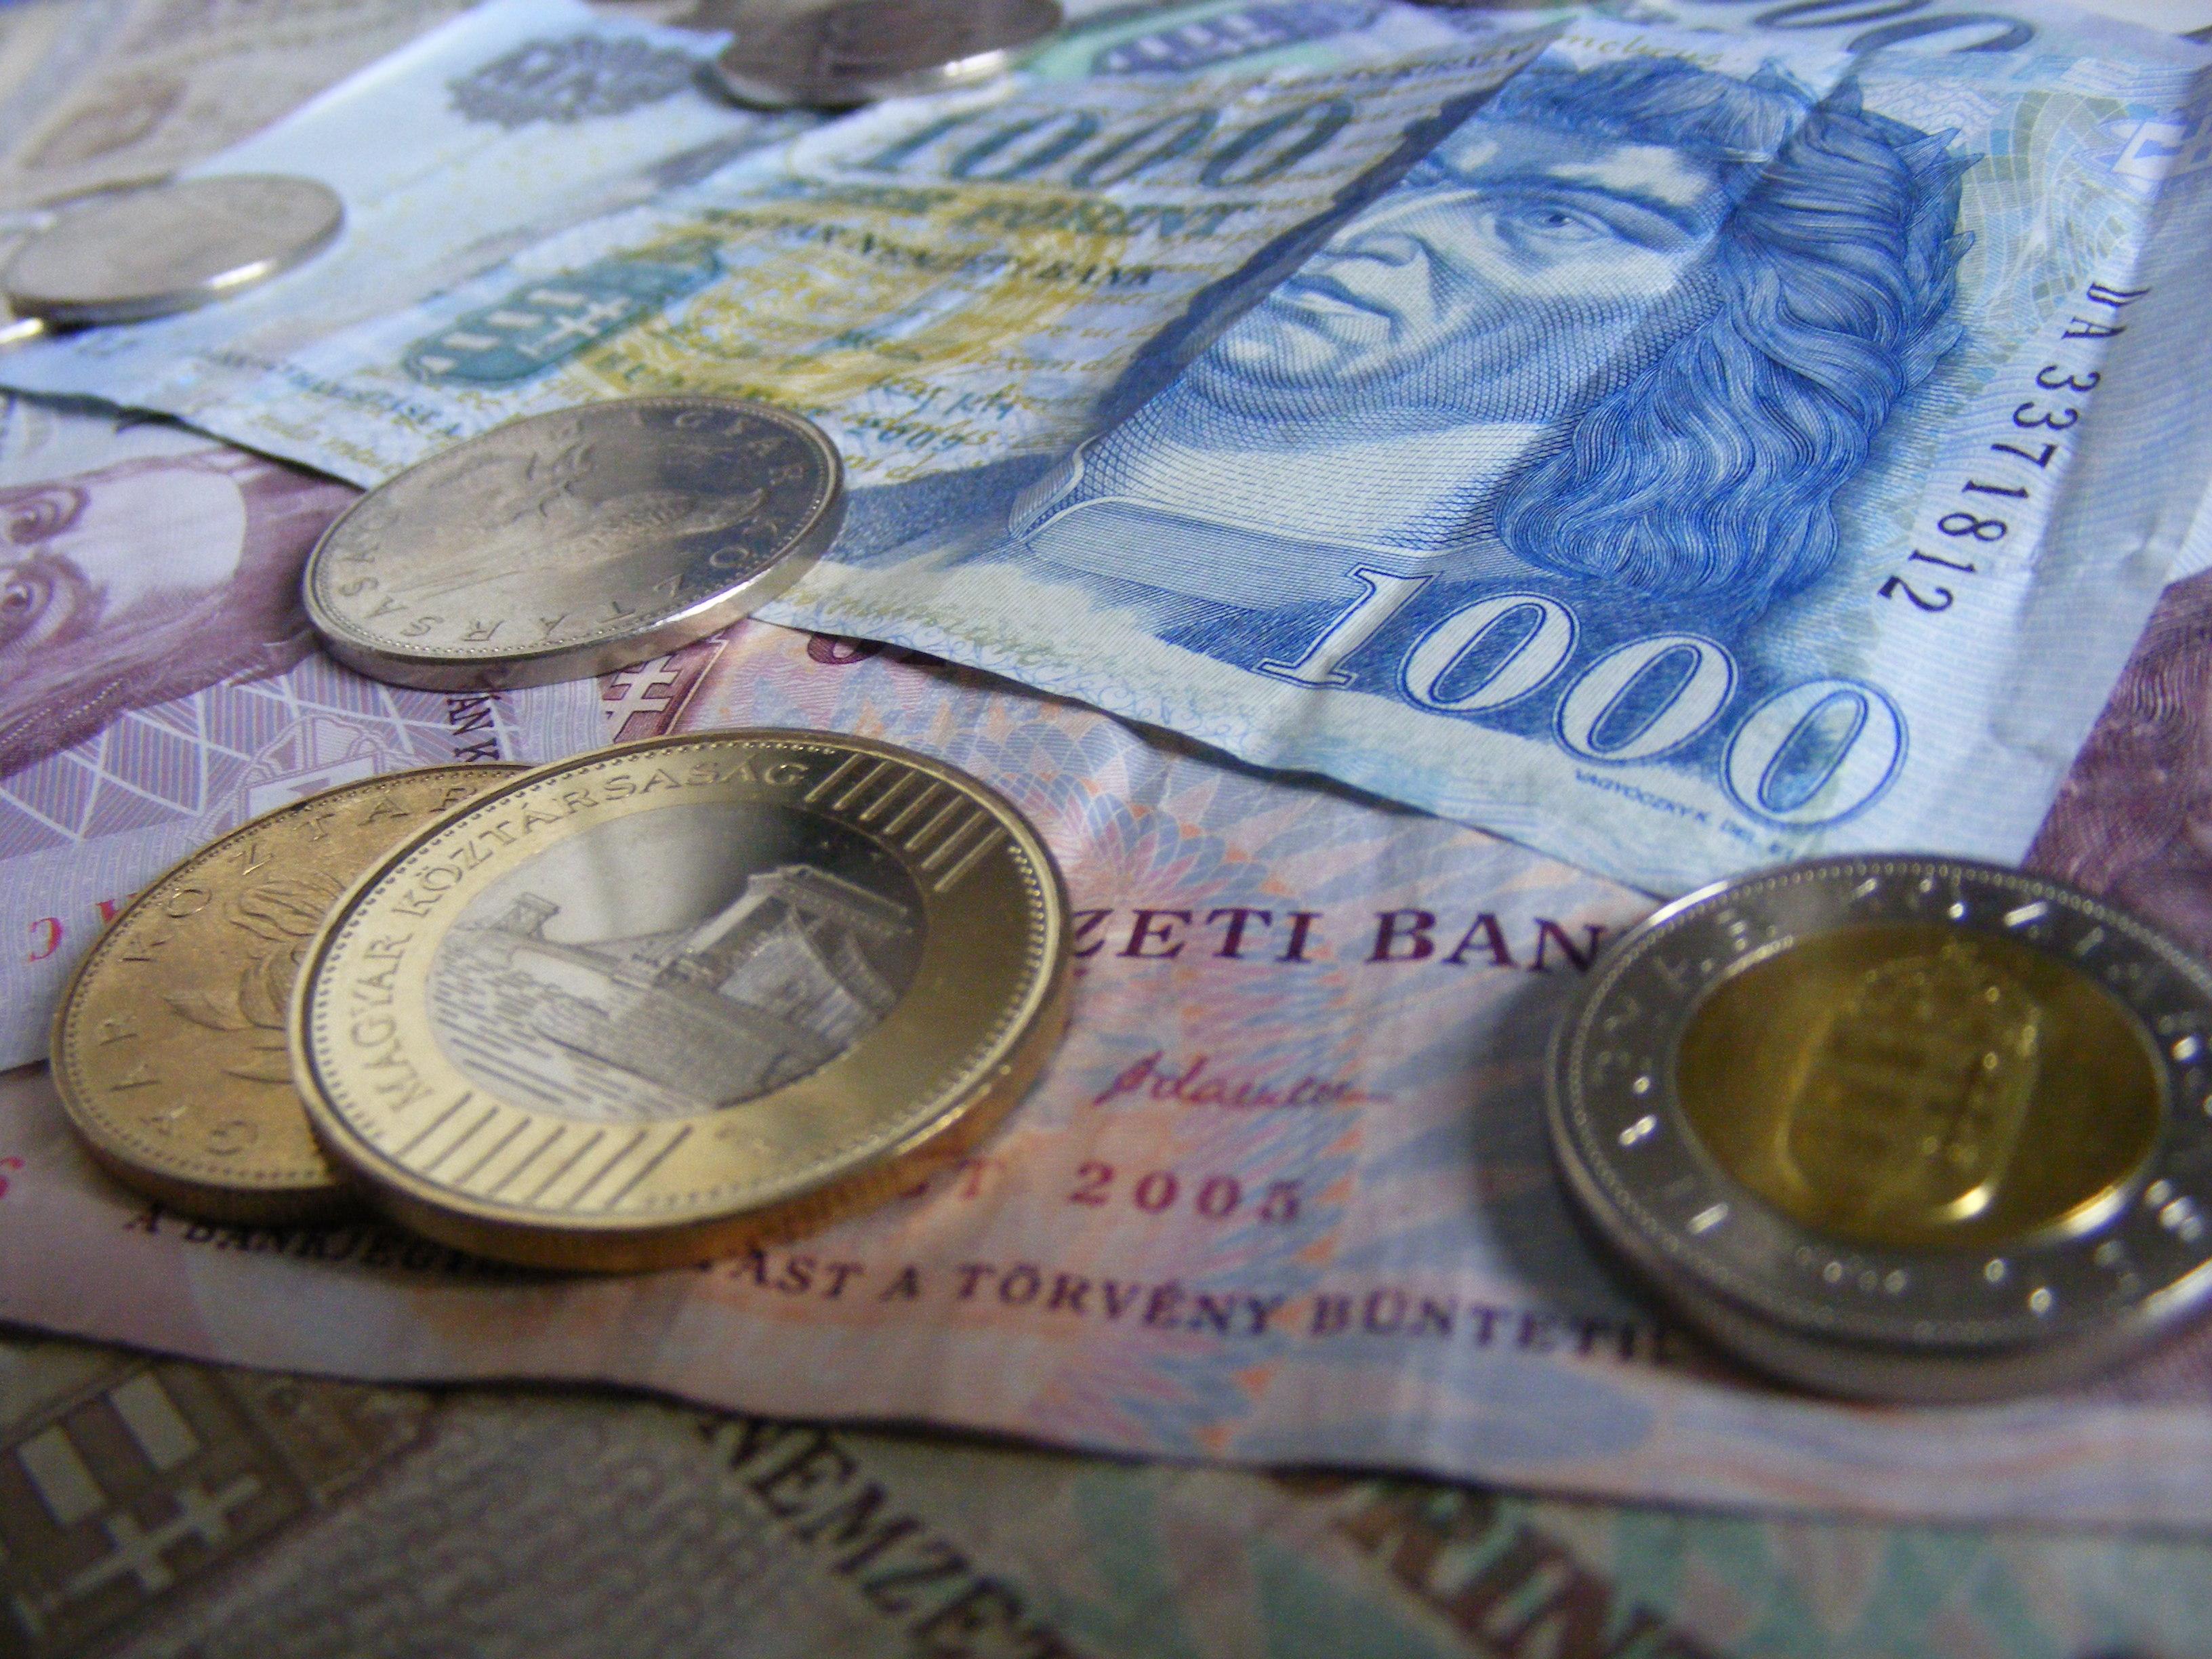 Офіційний курс гривні до долара НБУ укріпив до 27,6486 грн / дол у порівнянні з 27,6793 грн / дол днем раніше.